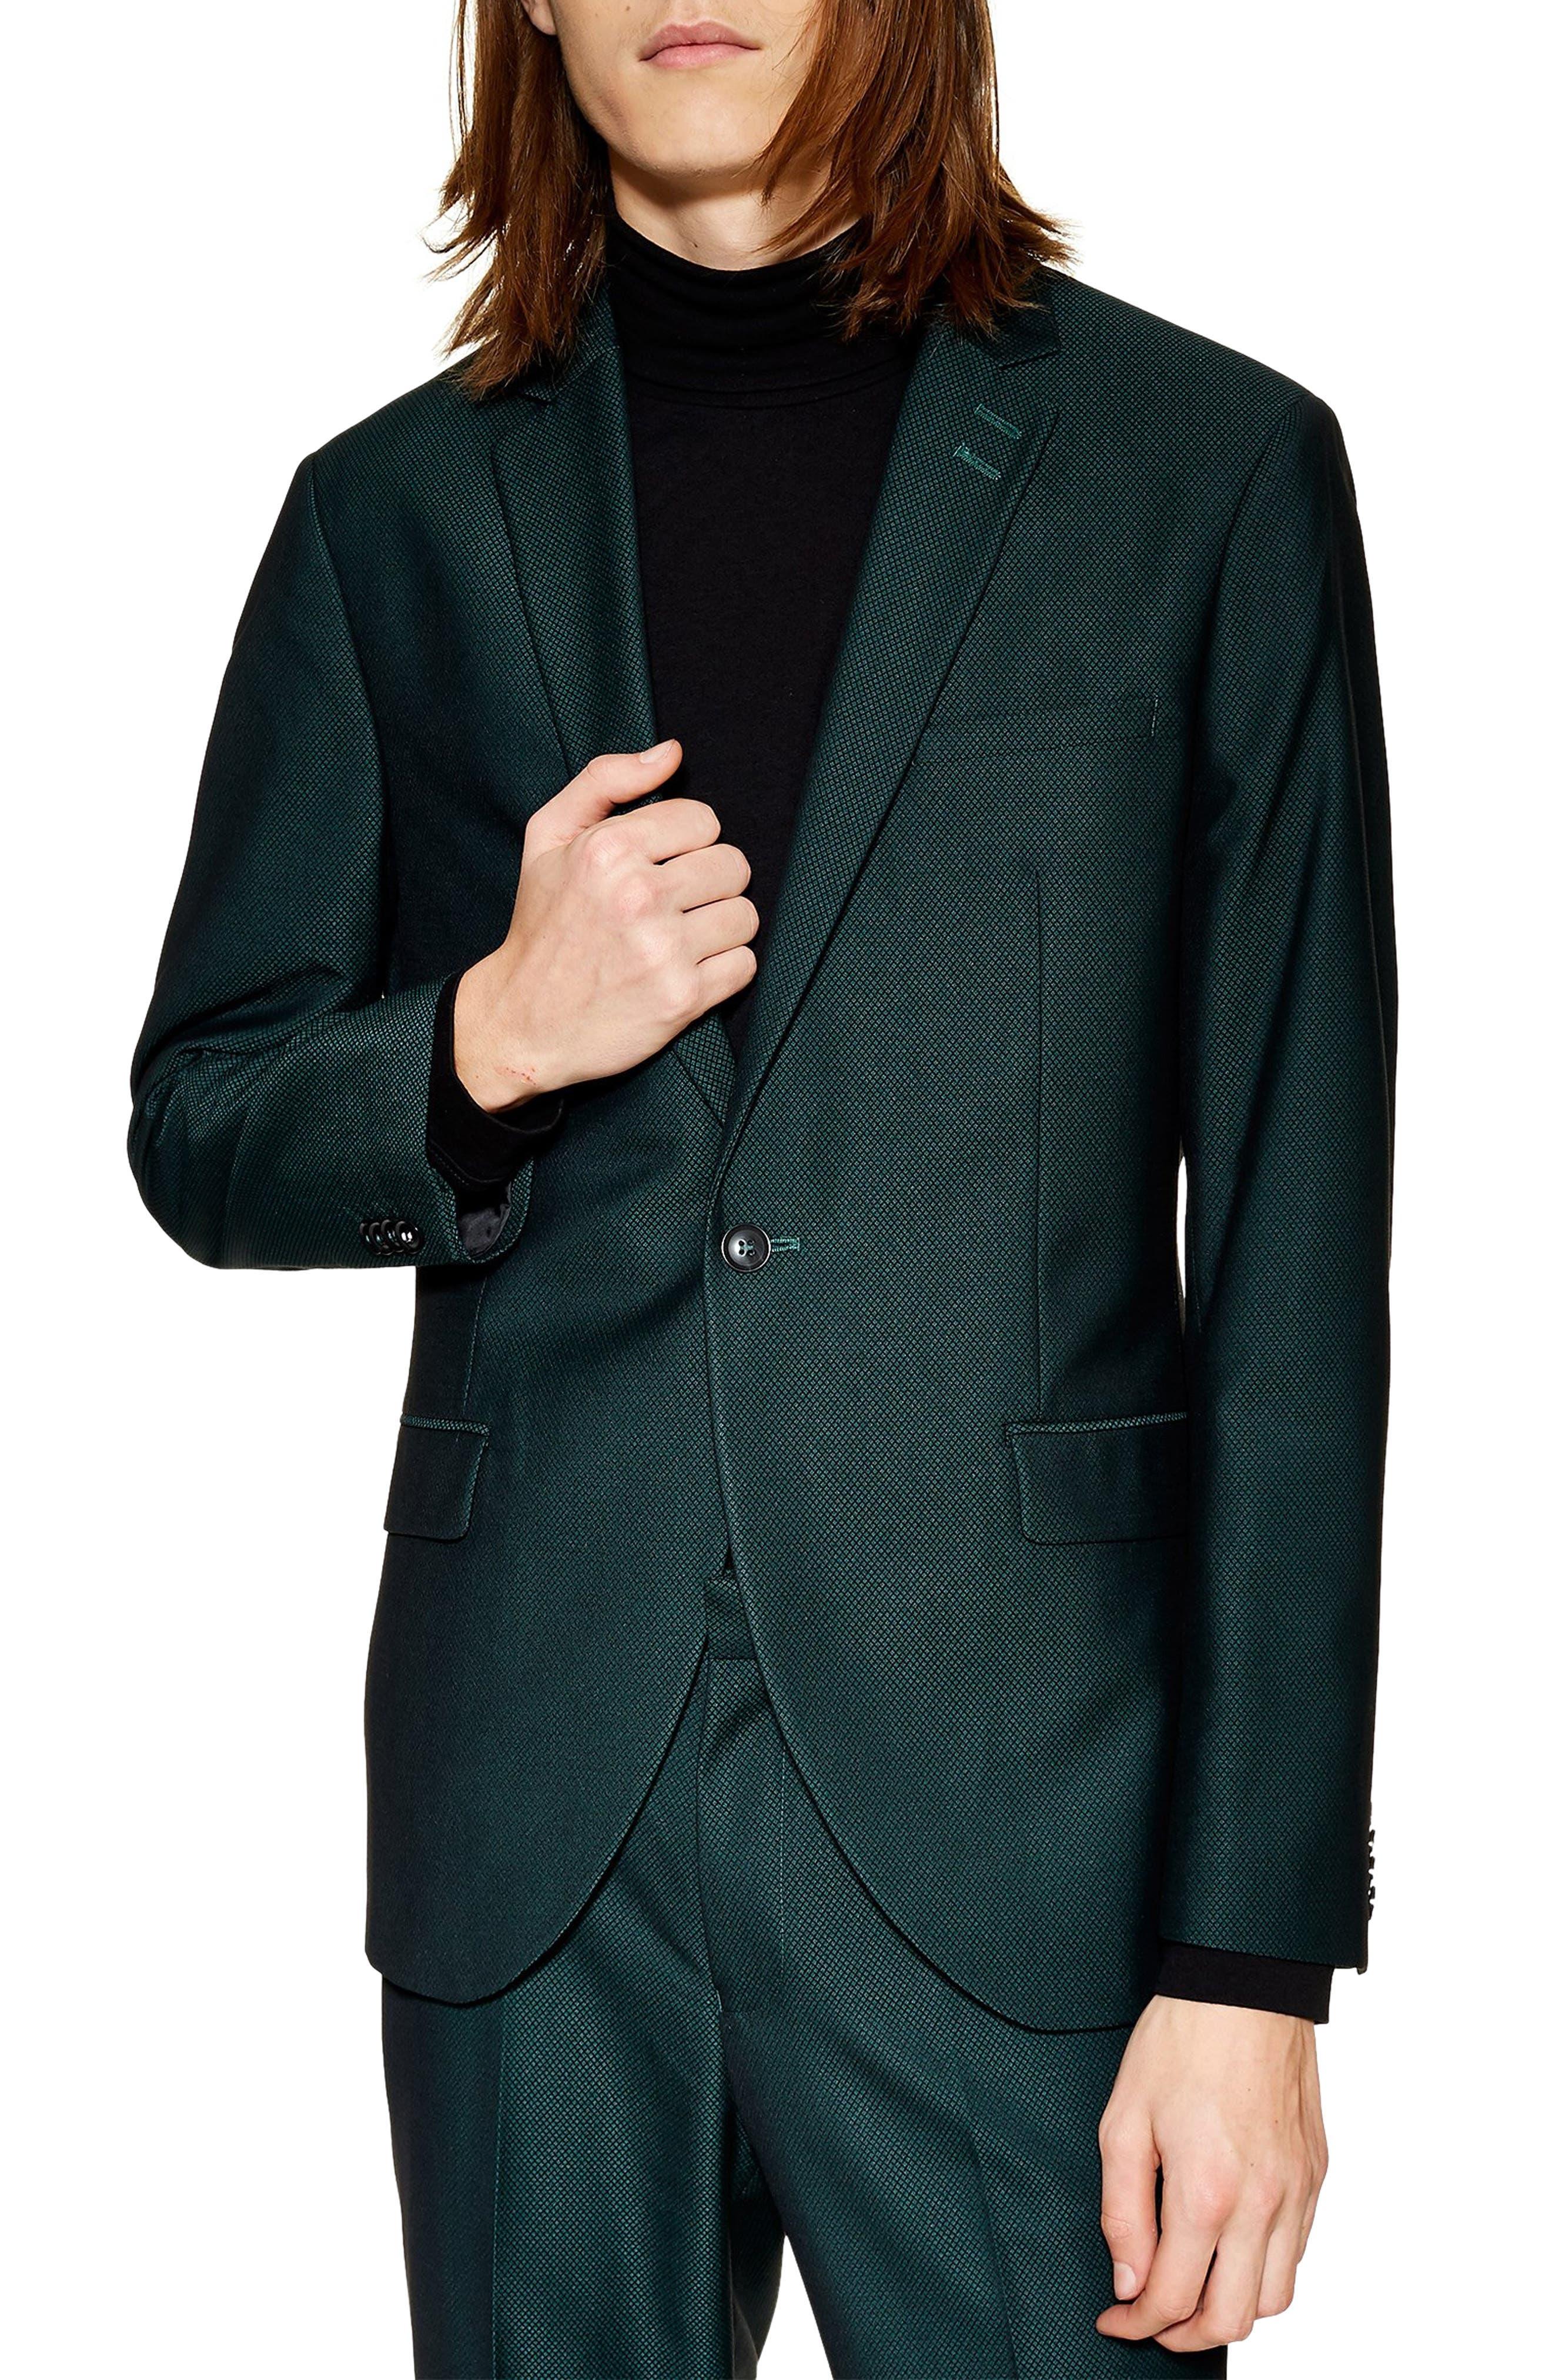 Banbury Slim Fit Suit Jacket,                             Main thumbnail 1, color,                             GREEN